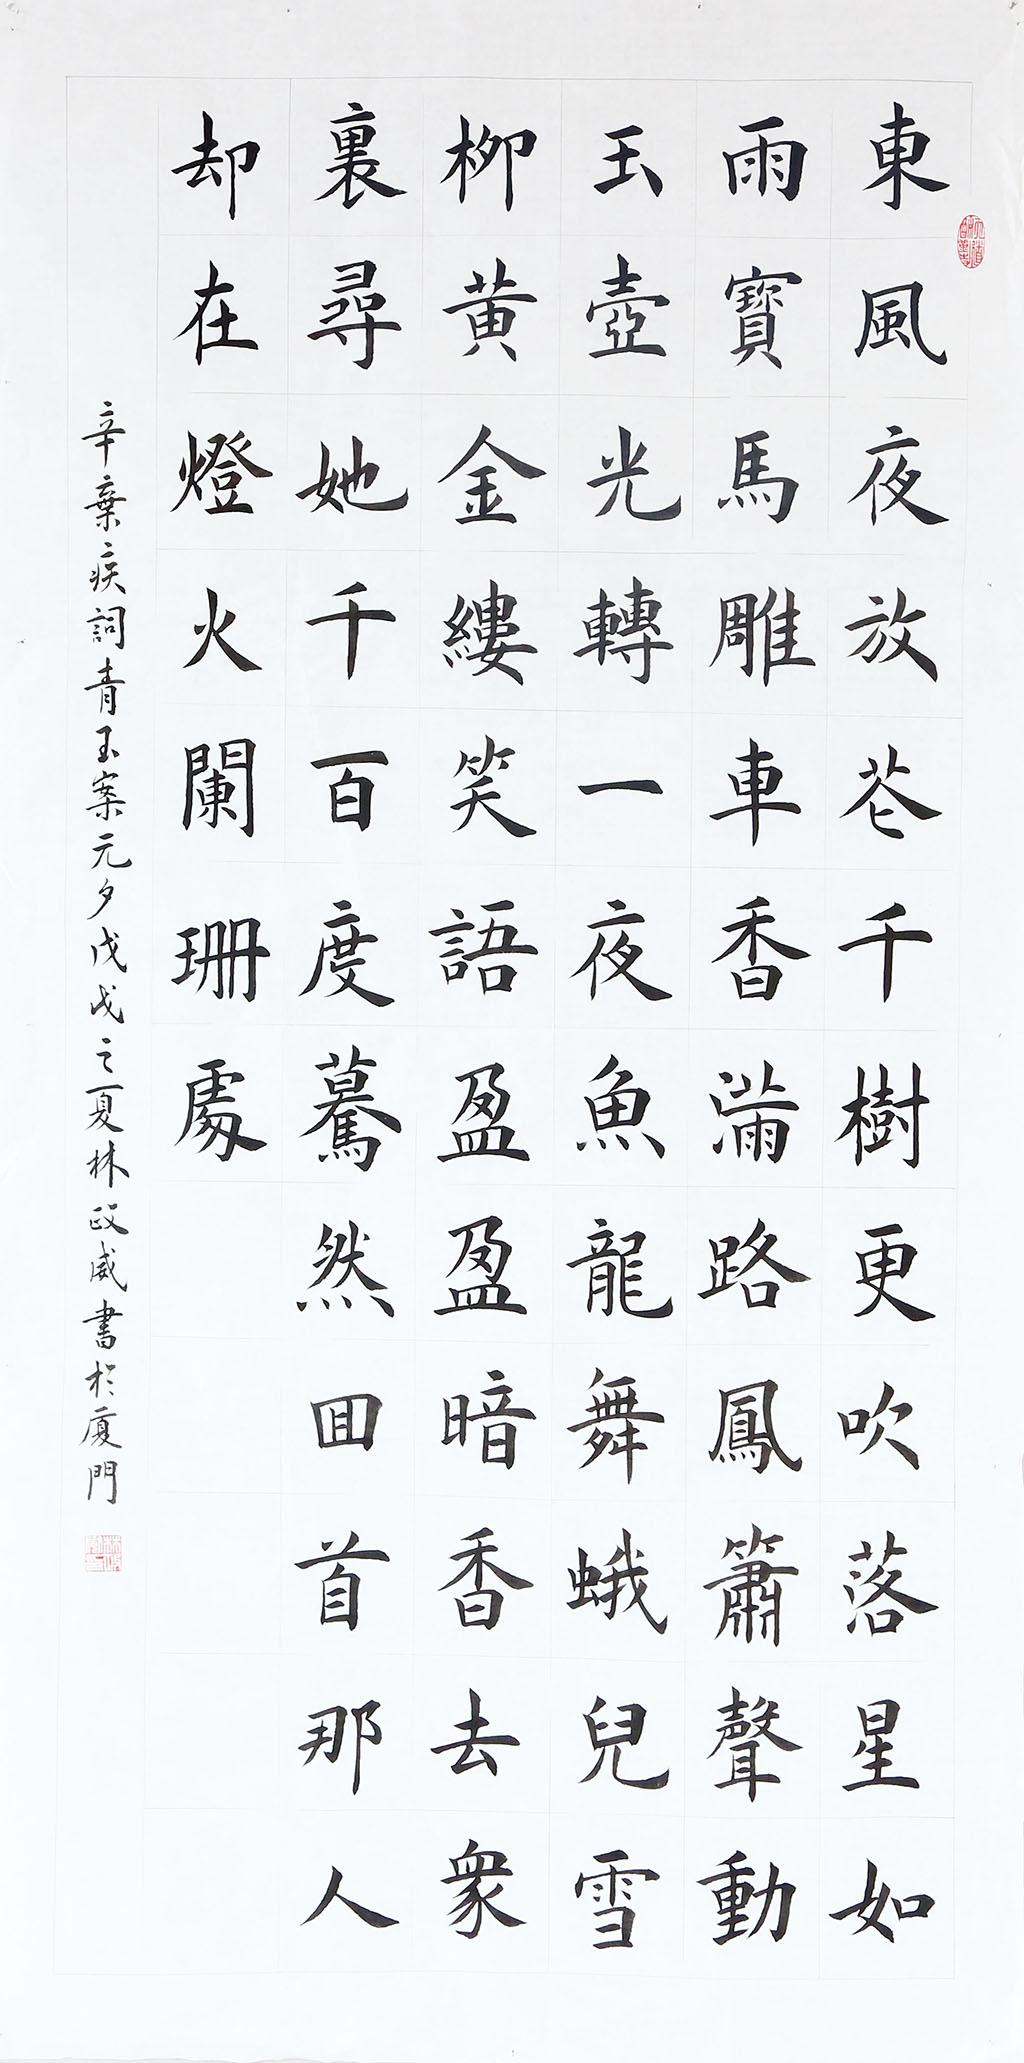 林政威 中学组一等奖